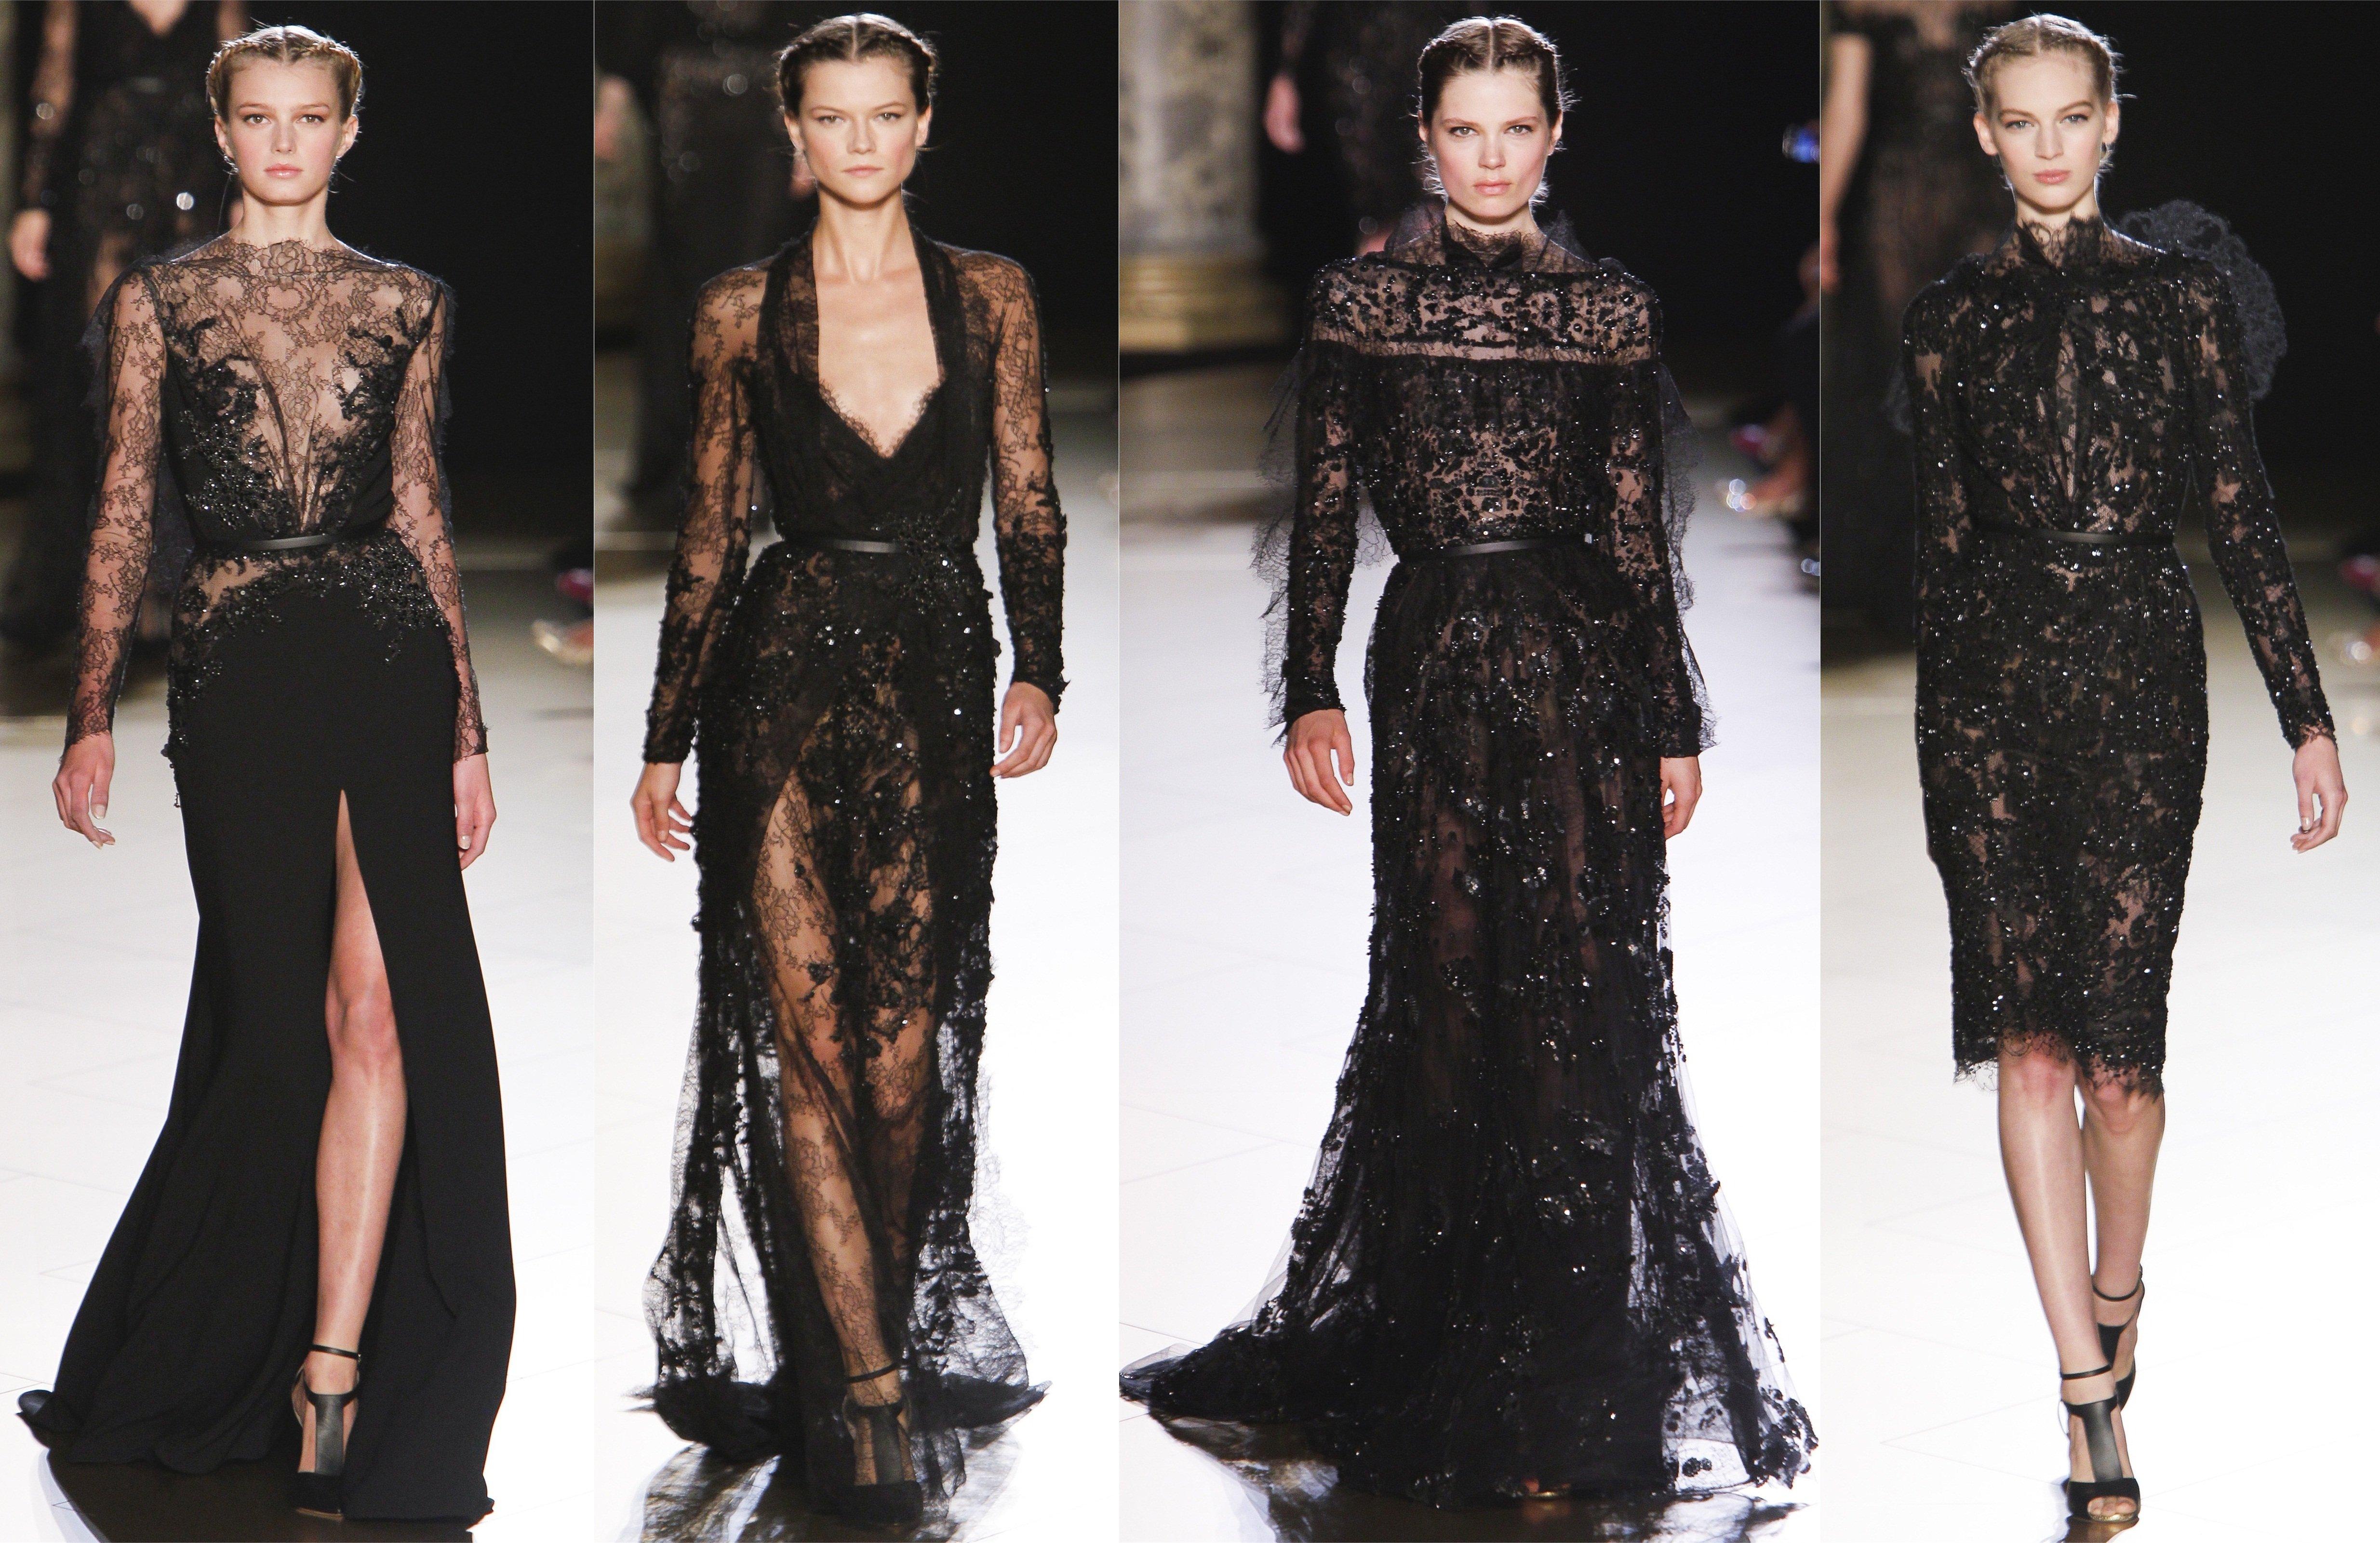 modelos-de-vestidos-de-renda